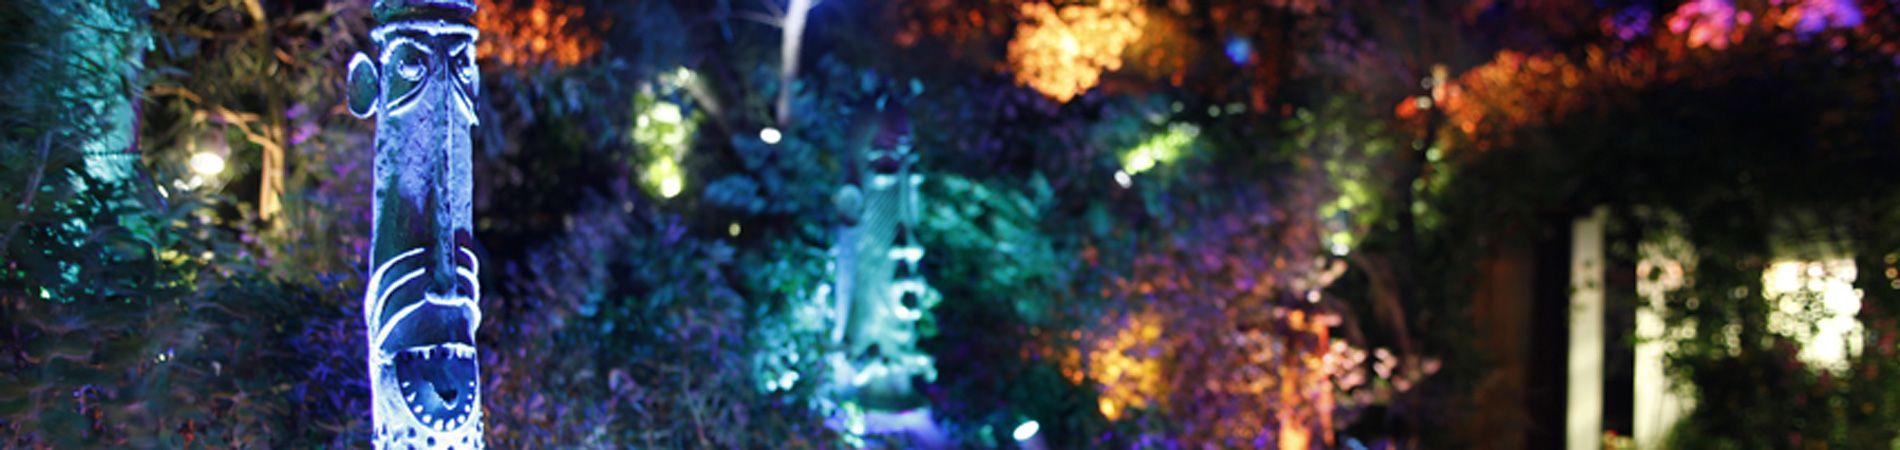 Les illuminations féériques de l'artiste JN Cordonnier au restaurant les Grands Buffets